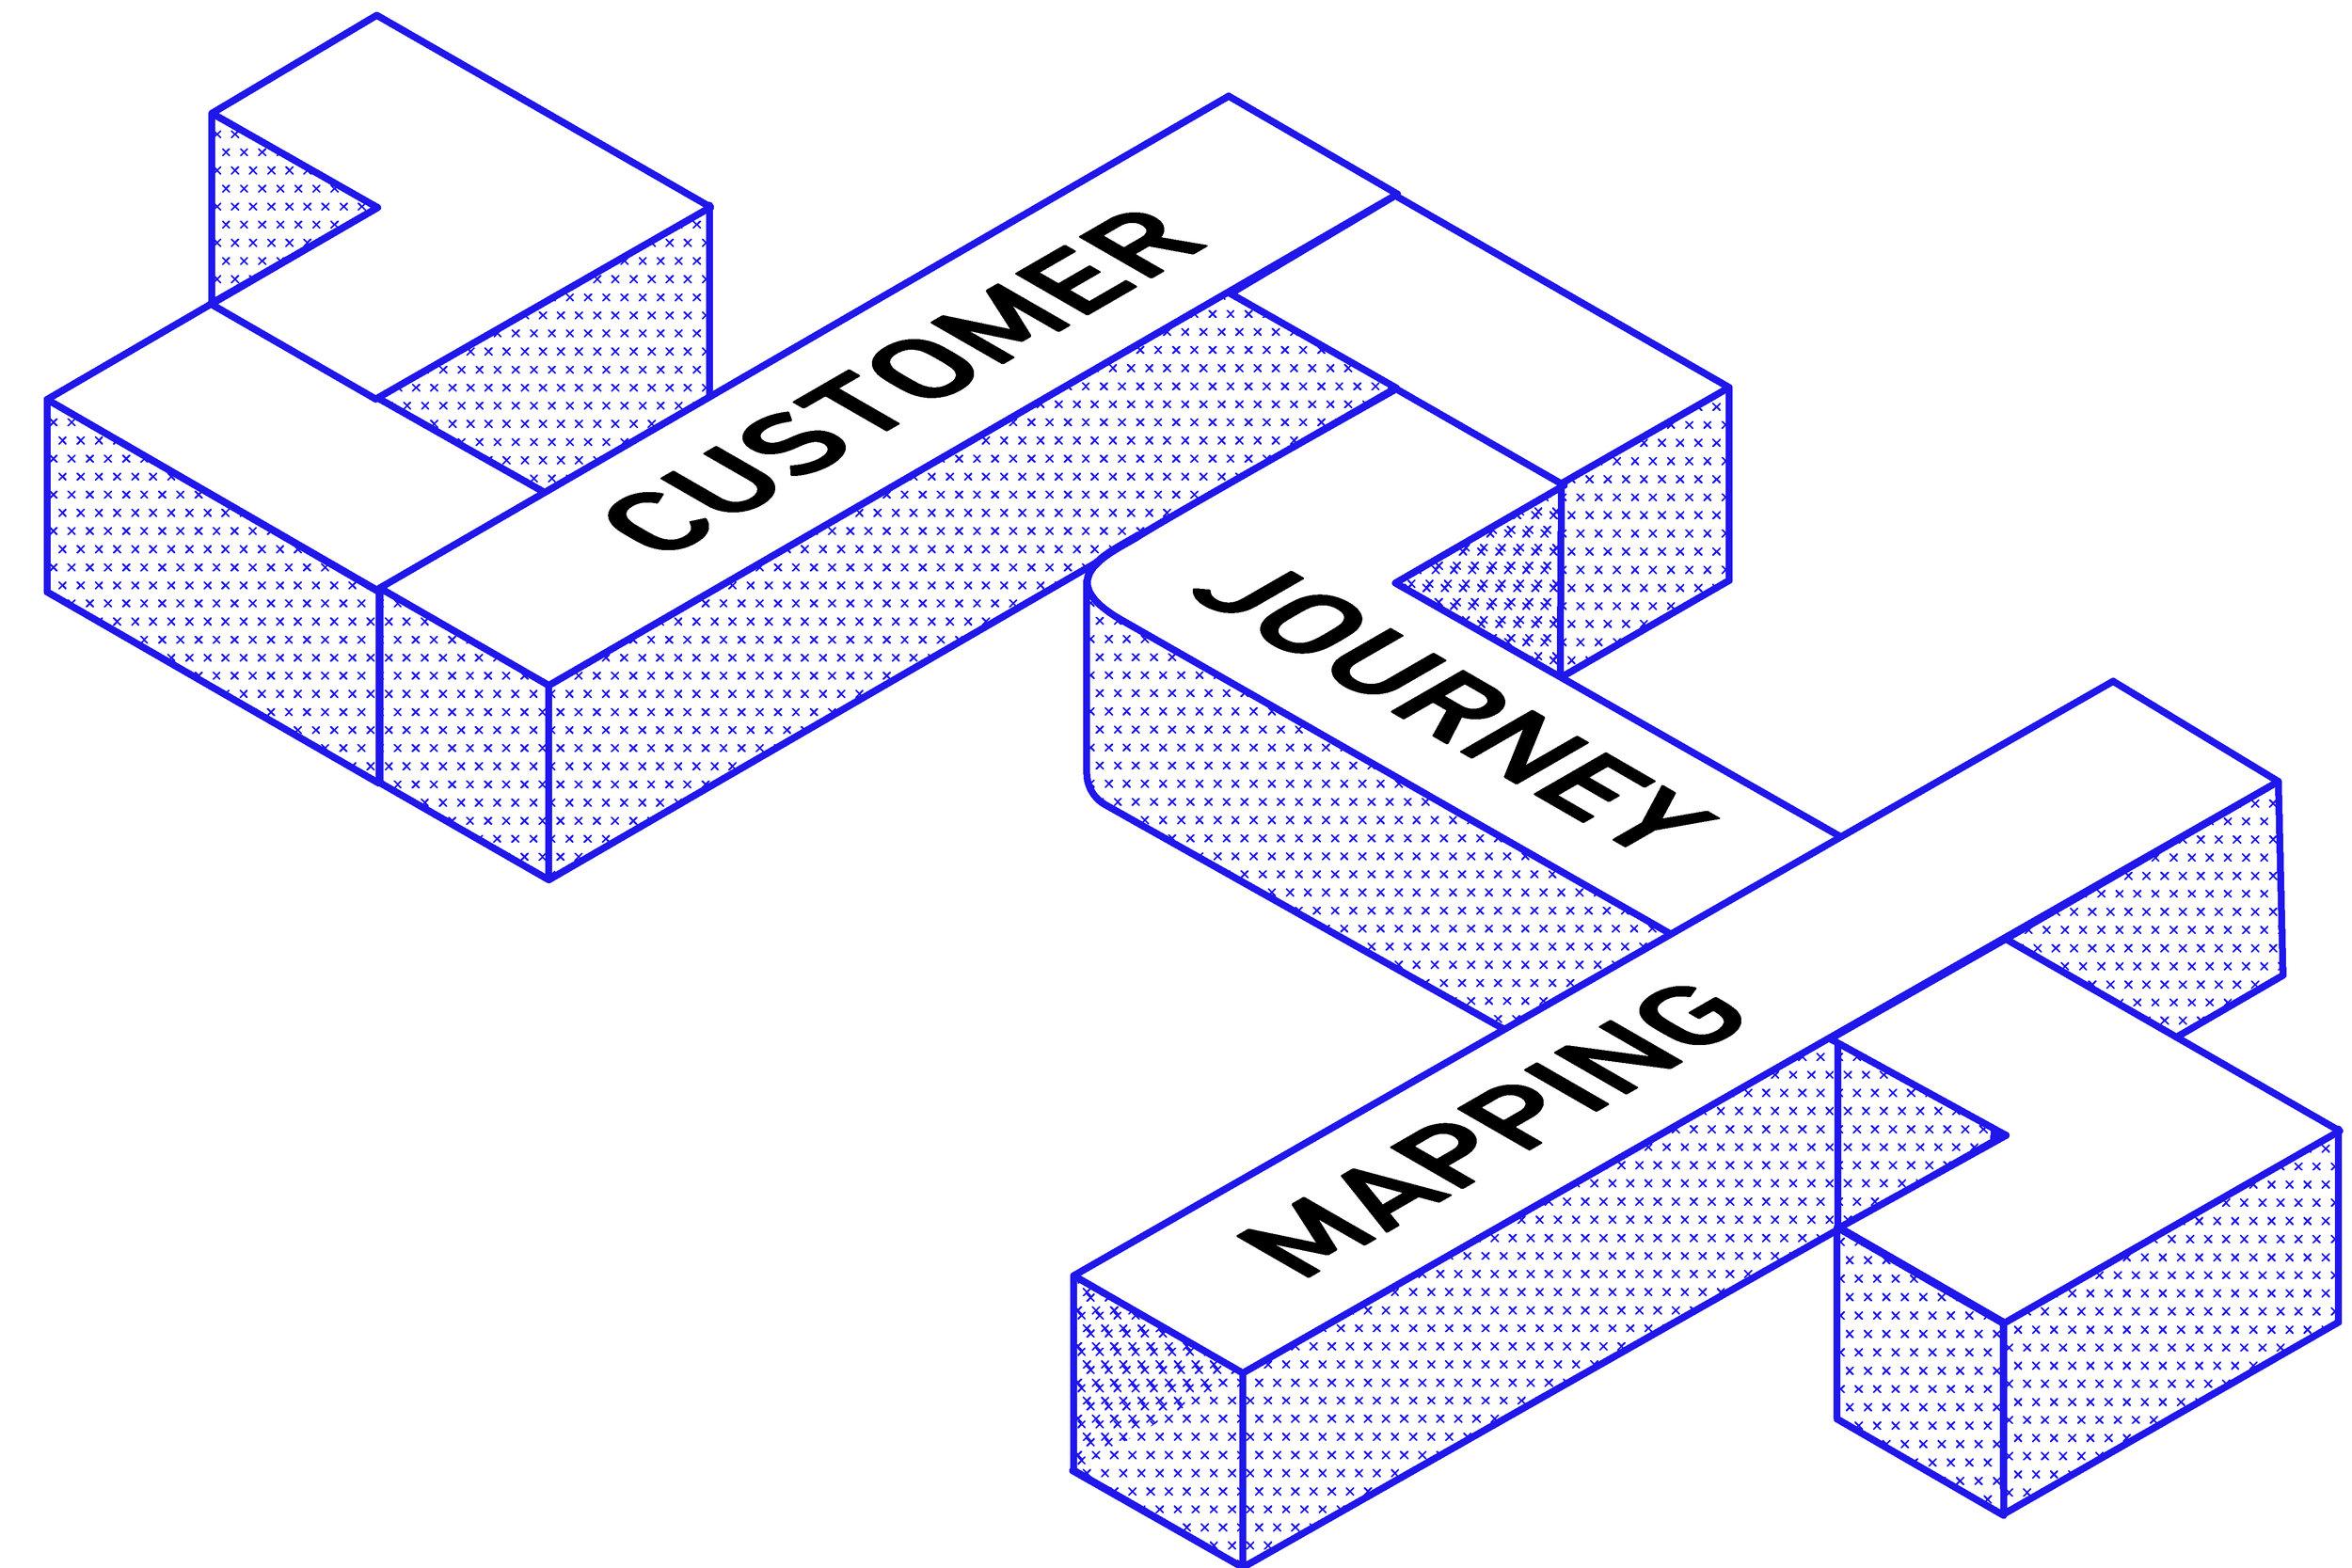 WorkshopCustomer Journey Mapping - Hoe ervaart jouw doelgroep je huidige diensten? En waar liggen hun wensen in de toekomst? De workshop Customer Journey Mapping helpt je om inzicht te krijgen in de klantreis van jouw doelgroep en biedt duurzame vaardigheden om de beste ervaring mogelijk te blijven bieden.